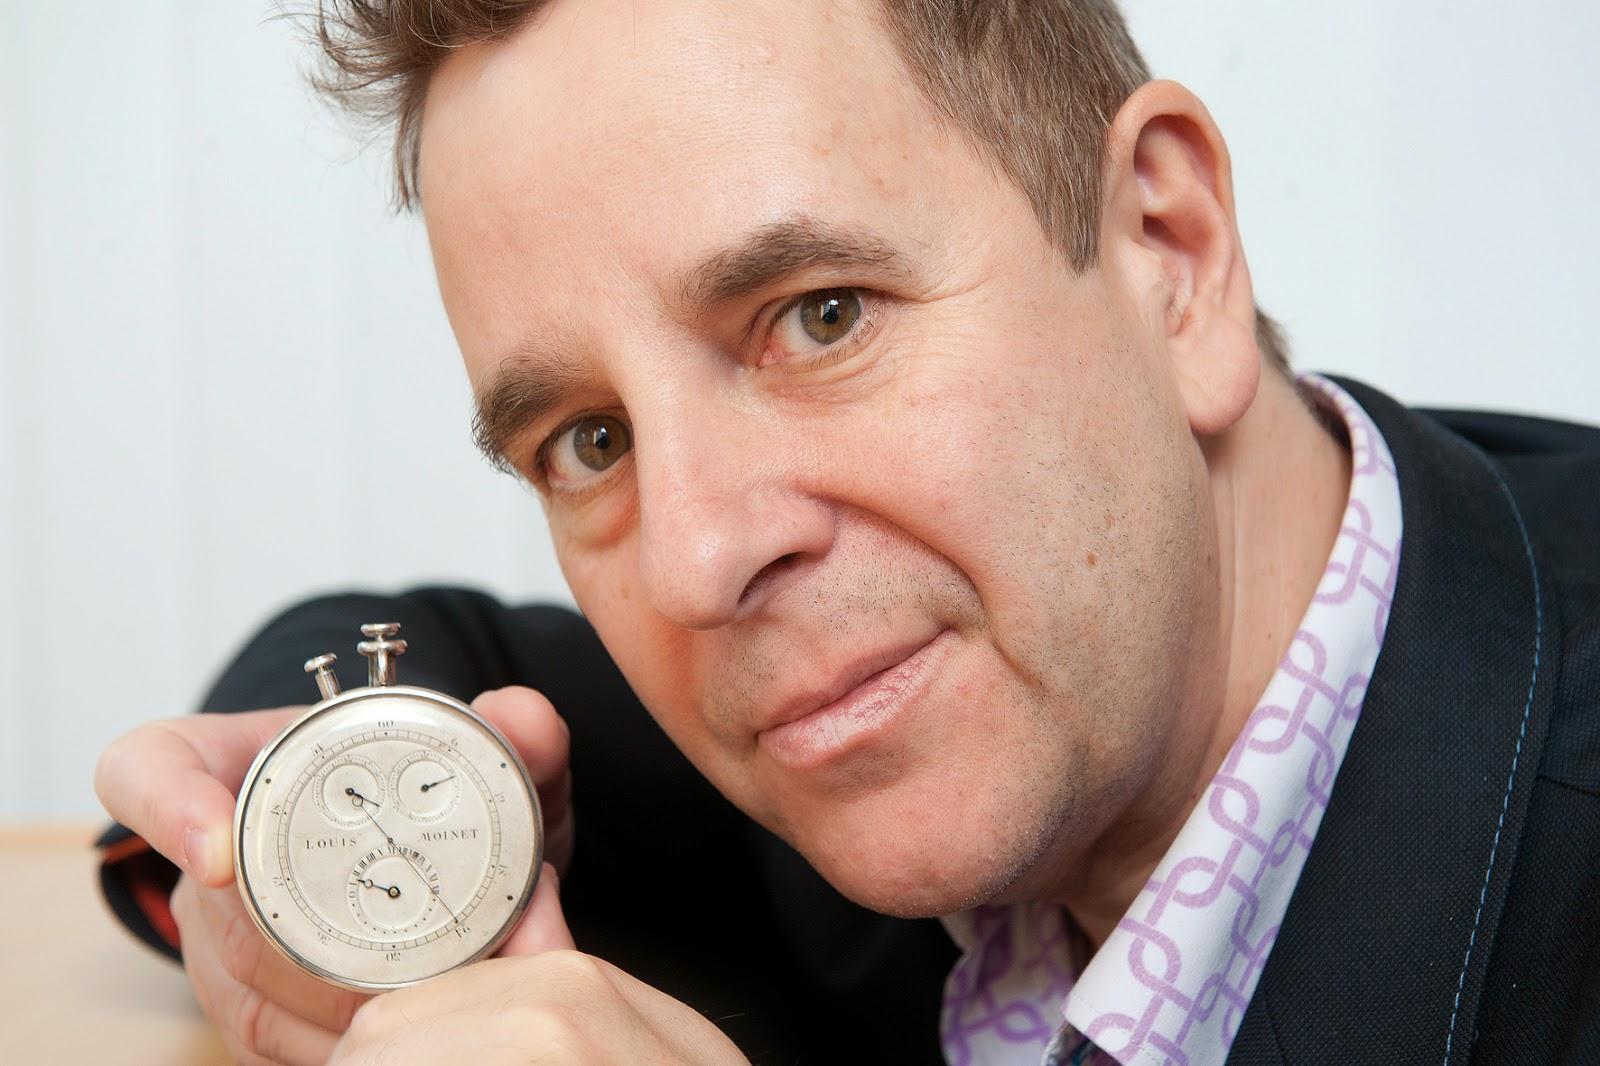 Louis Moinet debajo del reloj14